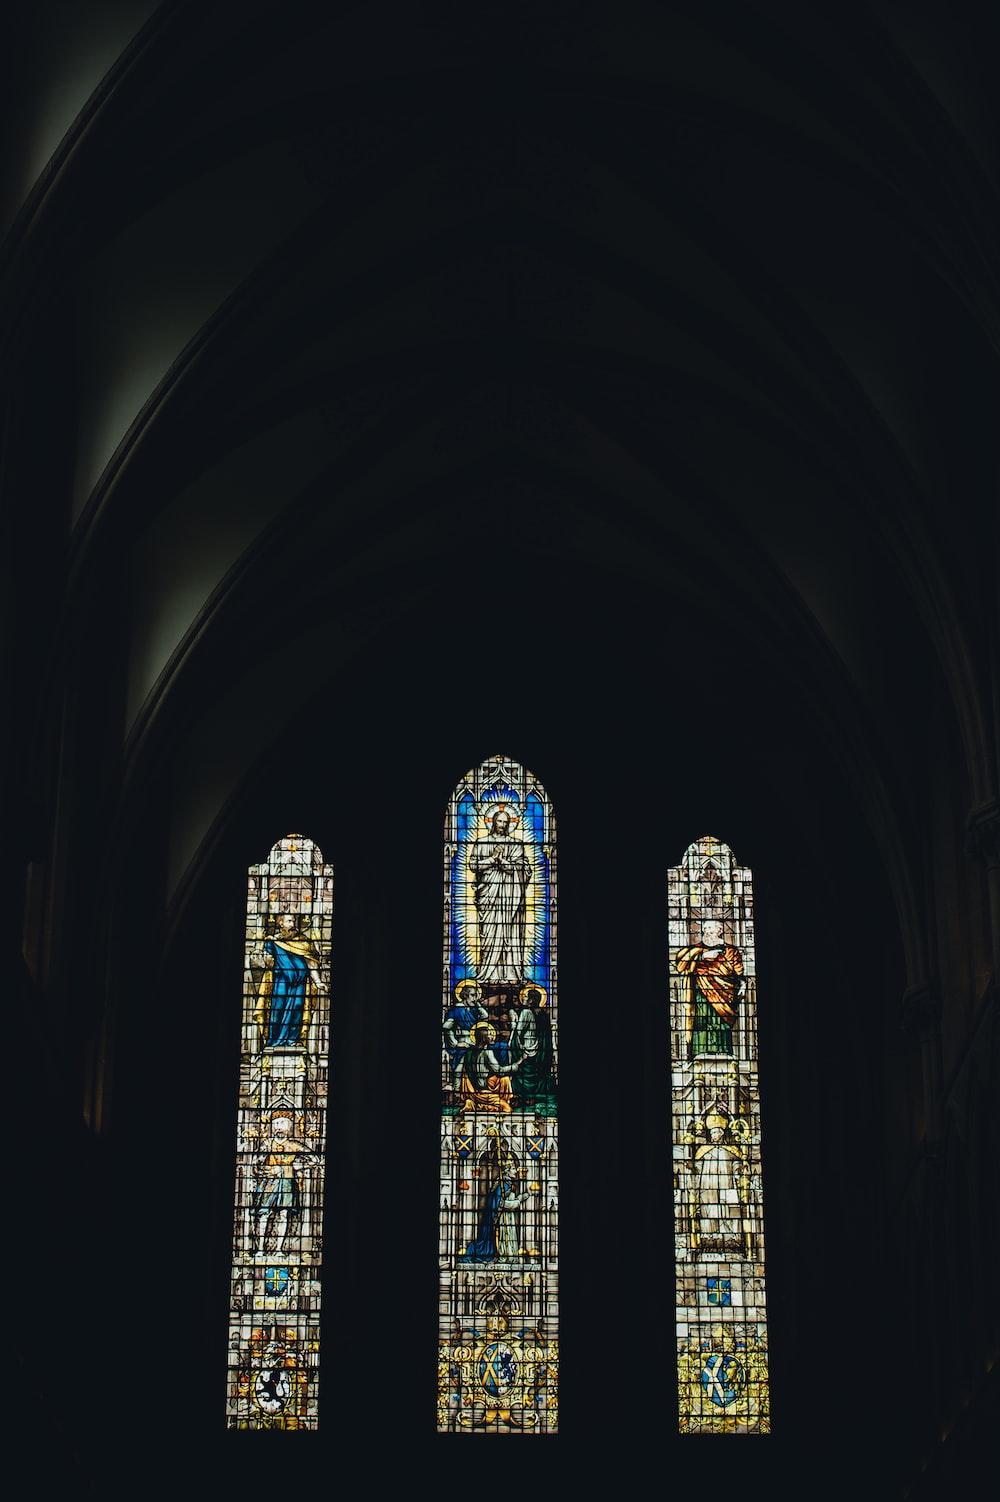 architectural interior design of church glass steins